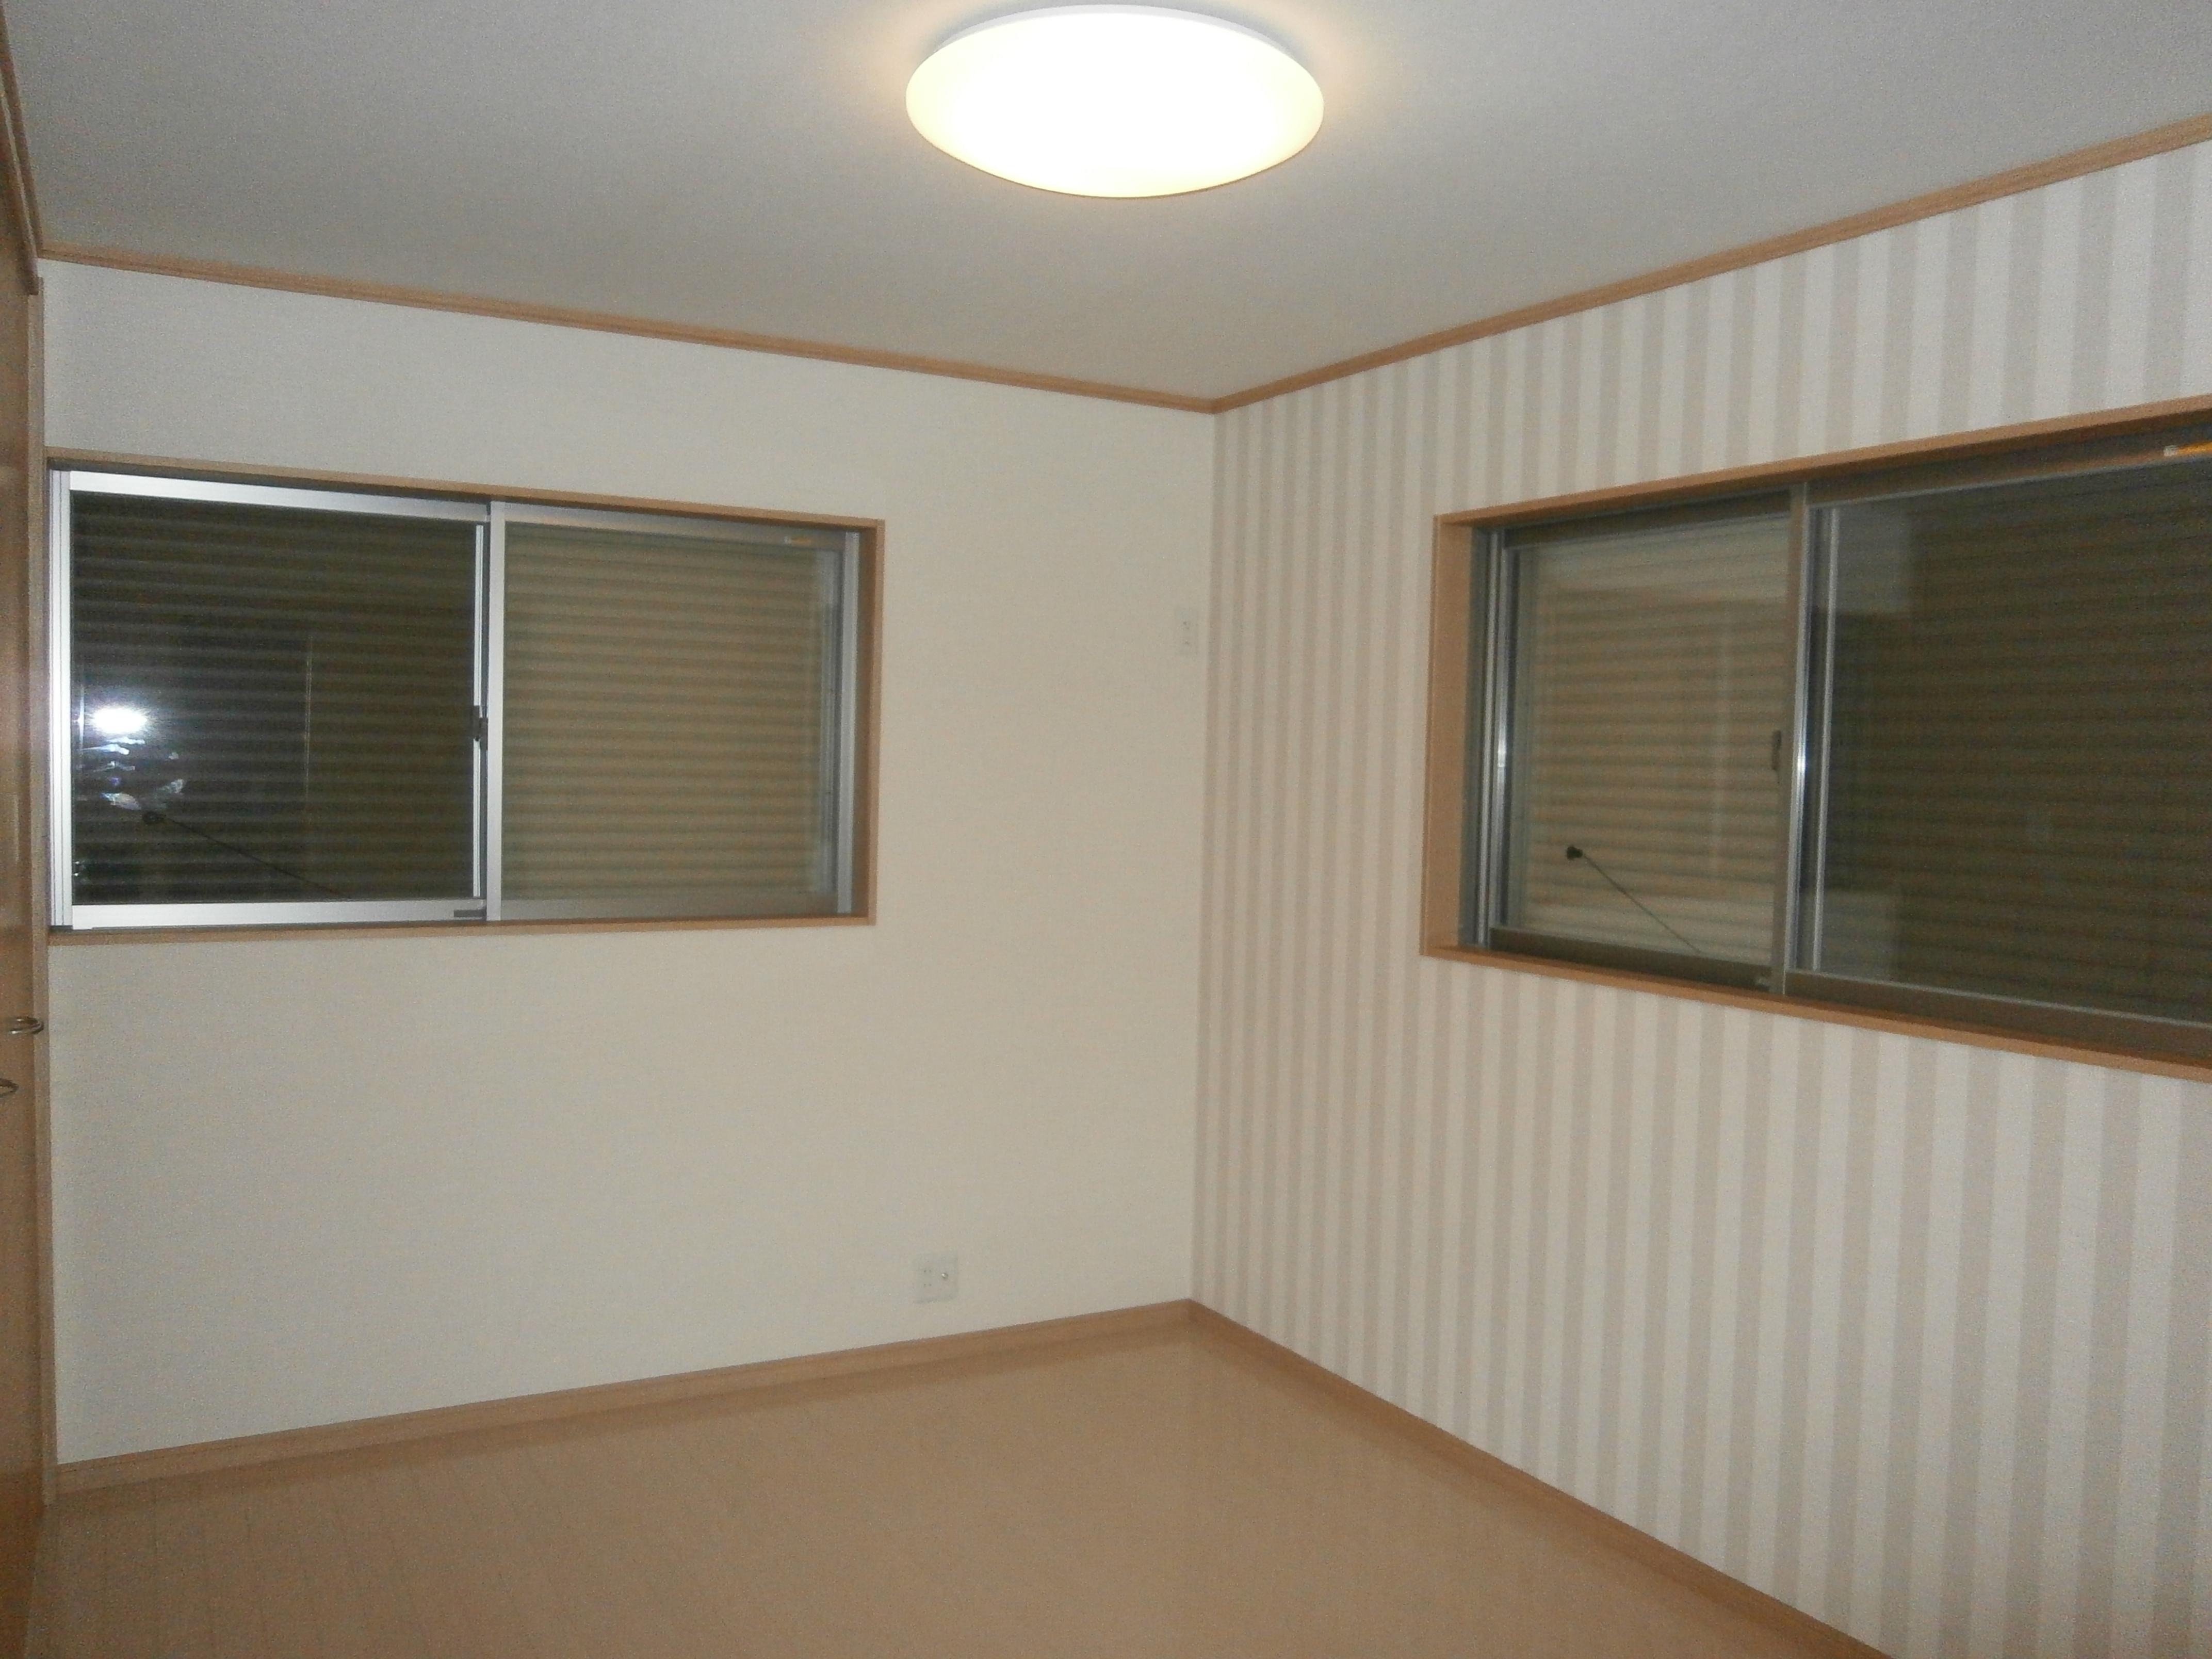 耐震補強で二世帯住宅の全面リフォーム:東京都小金井市T様邸の写真 2階の部屋